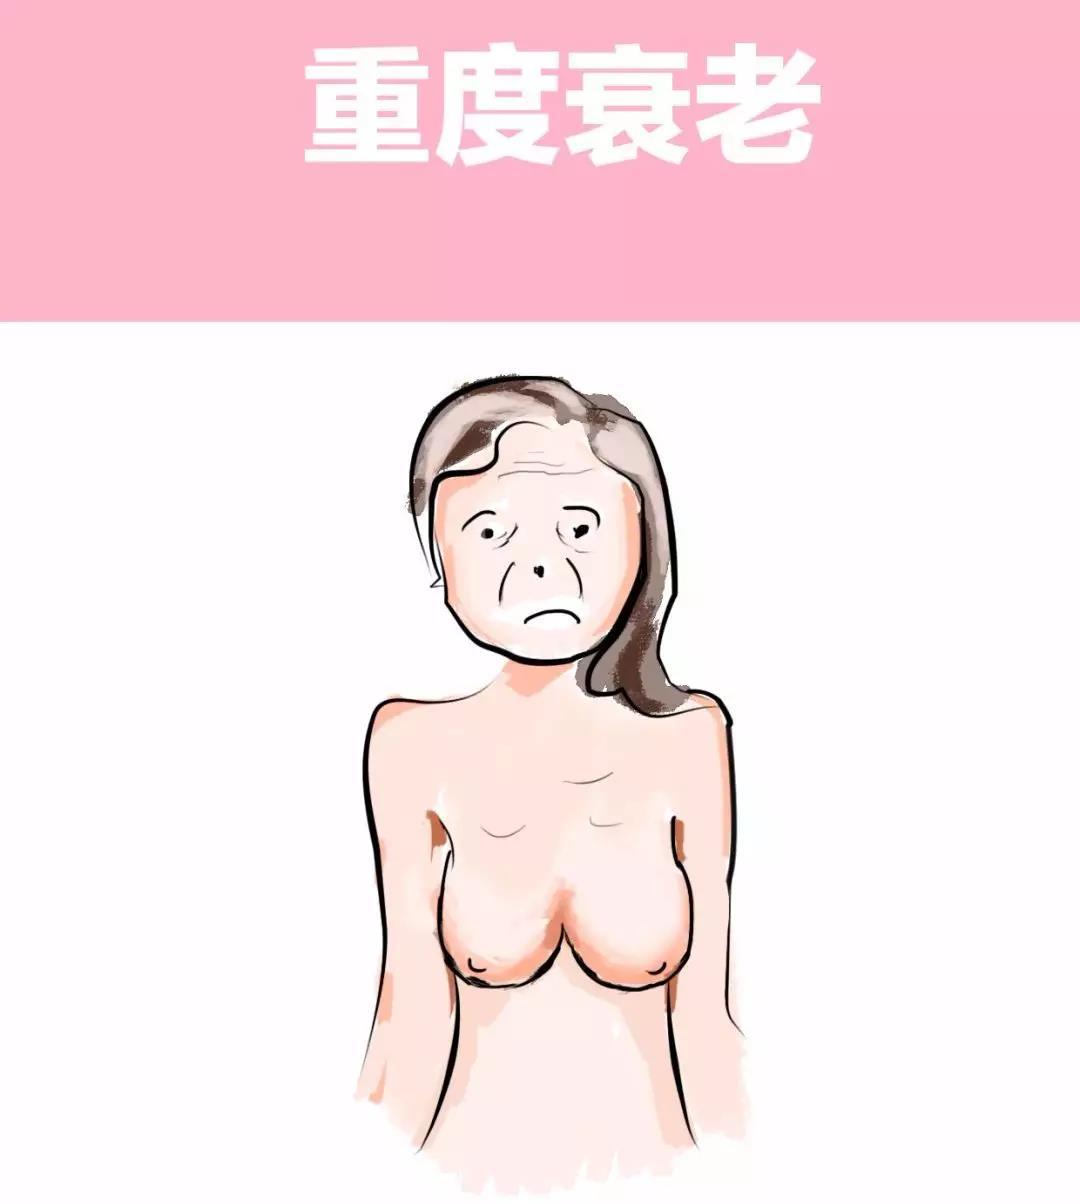 错误的美胸方法,让人越变越差!